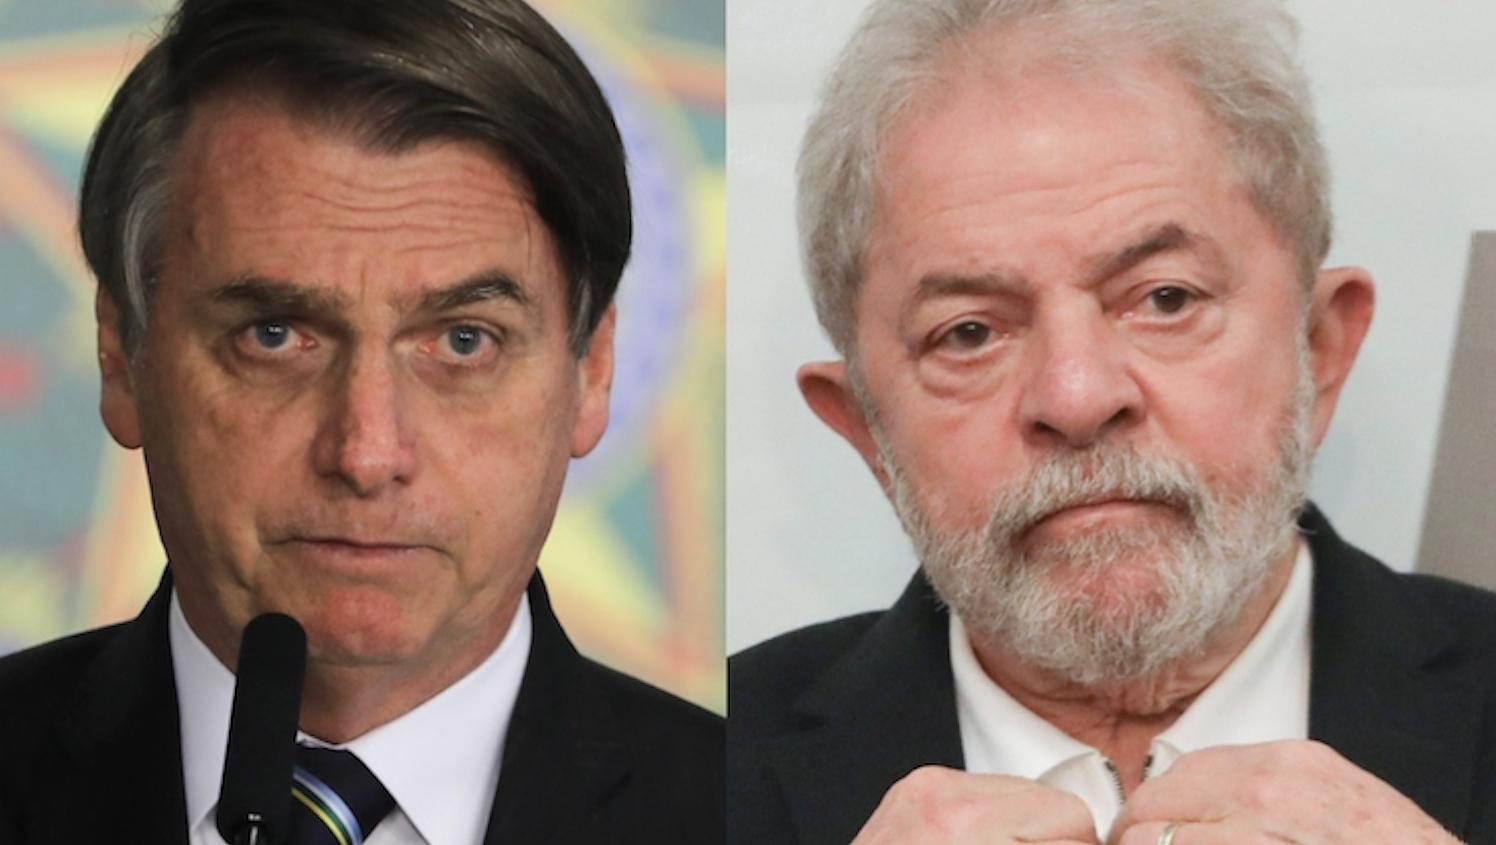 Em cenário de segundo turno Lula tem 56% contra 31% de Bolsonaro, diz pesquisa